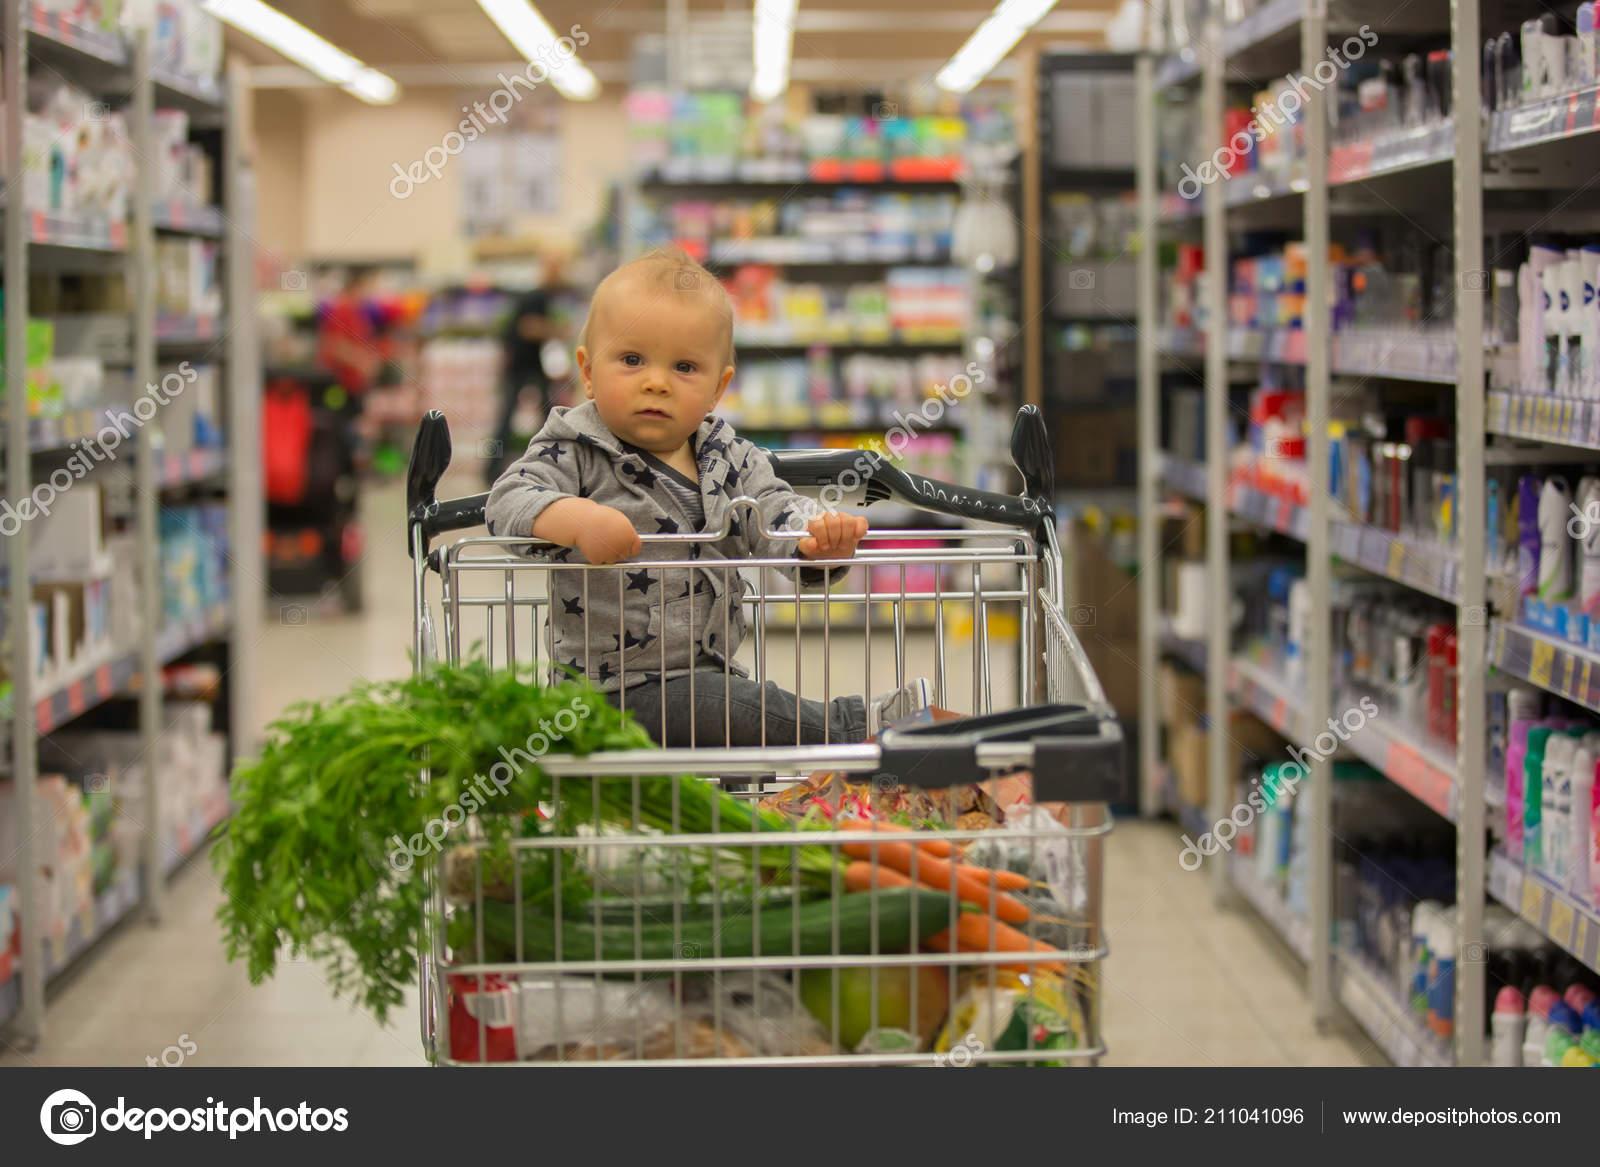 972f7f6e180310 Kleinkind Baby Junge Sitzt Einem Einkaufswagen Supermarkt Lächelnd Und Brot  — Stockfoto